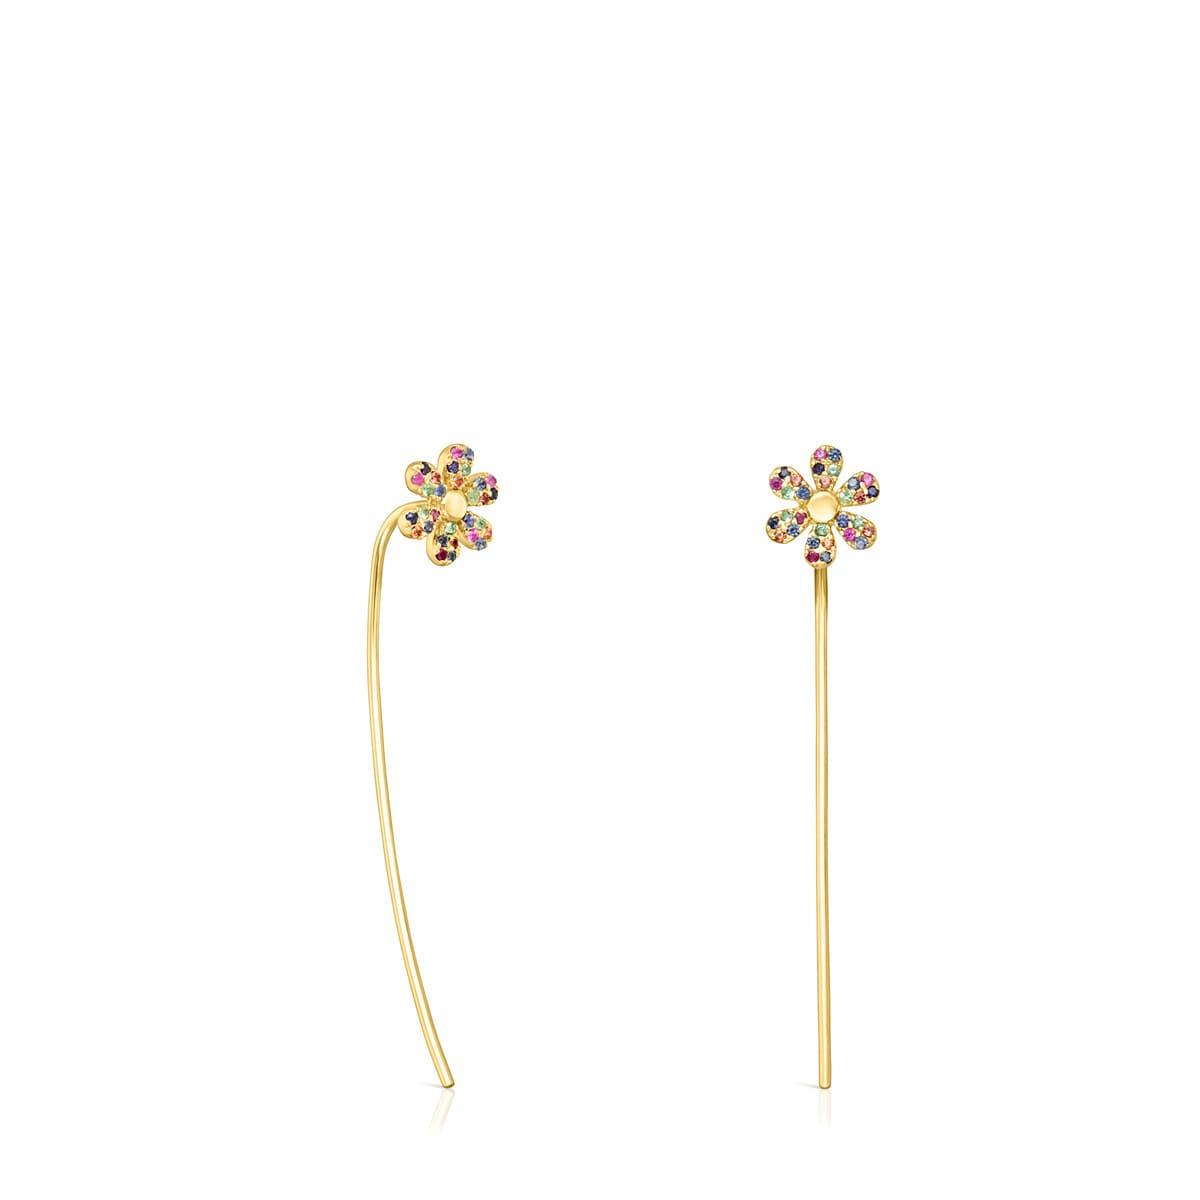 neue Fotos meistverkauft tolle Passform Lange Ohrringe Real Mix Bloom aus Vermeil-Gold mit Edelsteinen